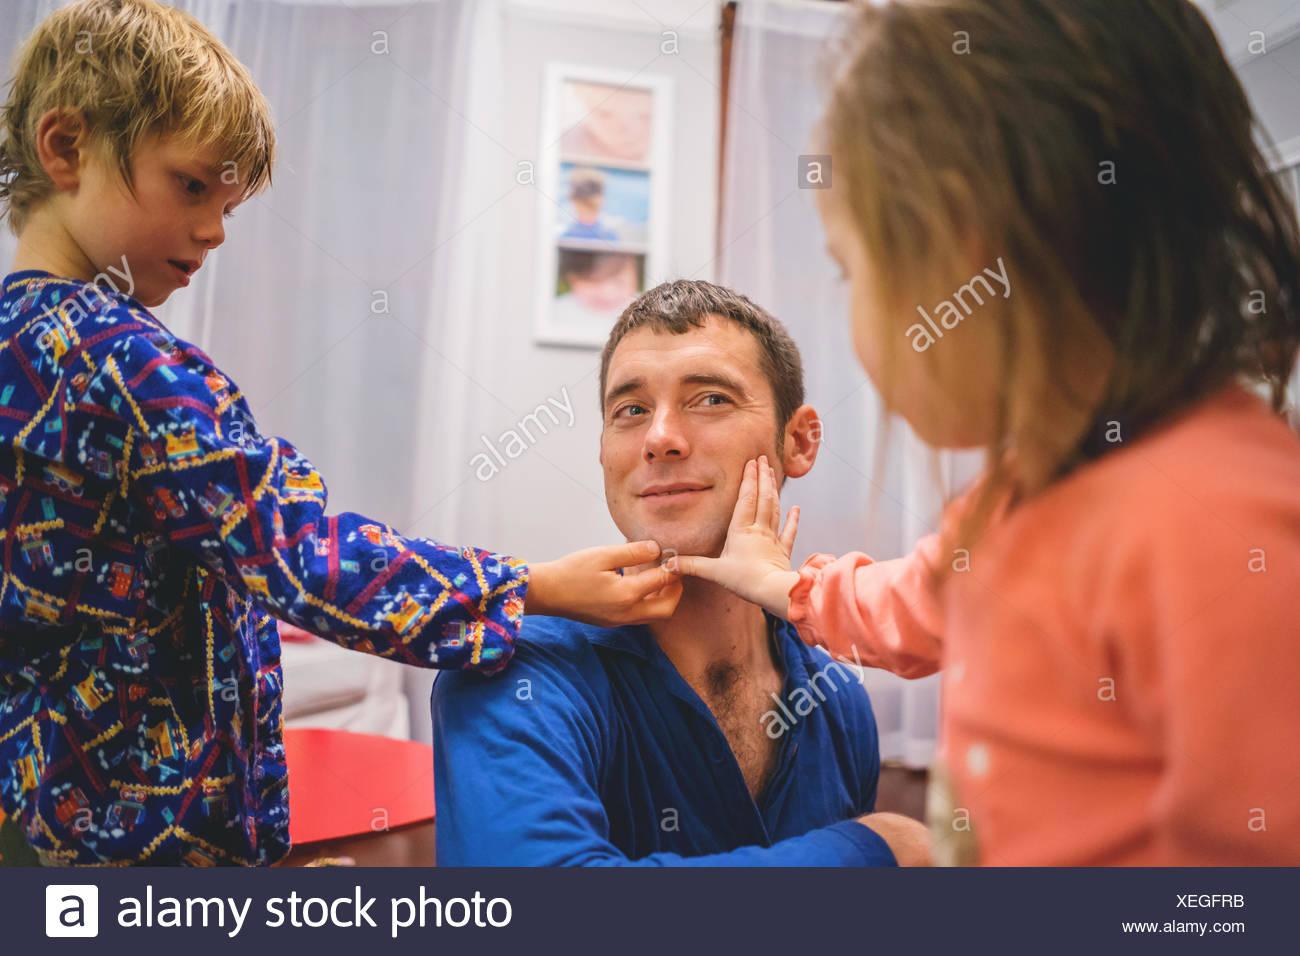 Chico y chica tocar cara afeitada del hombre. Foto de stock